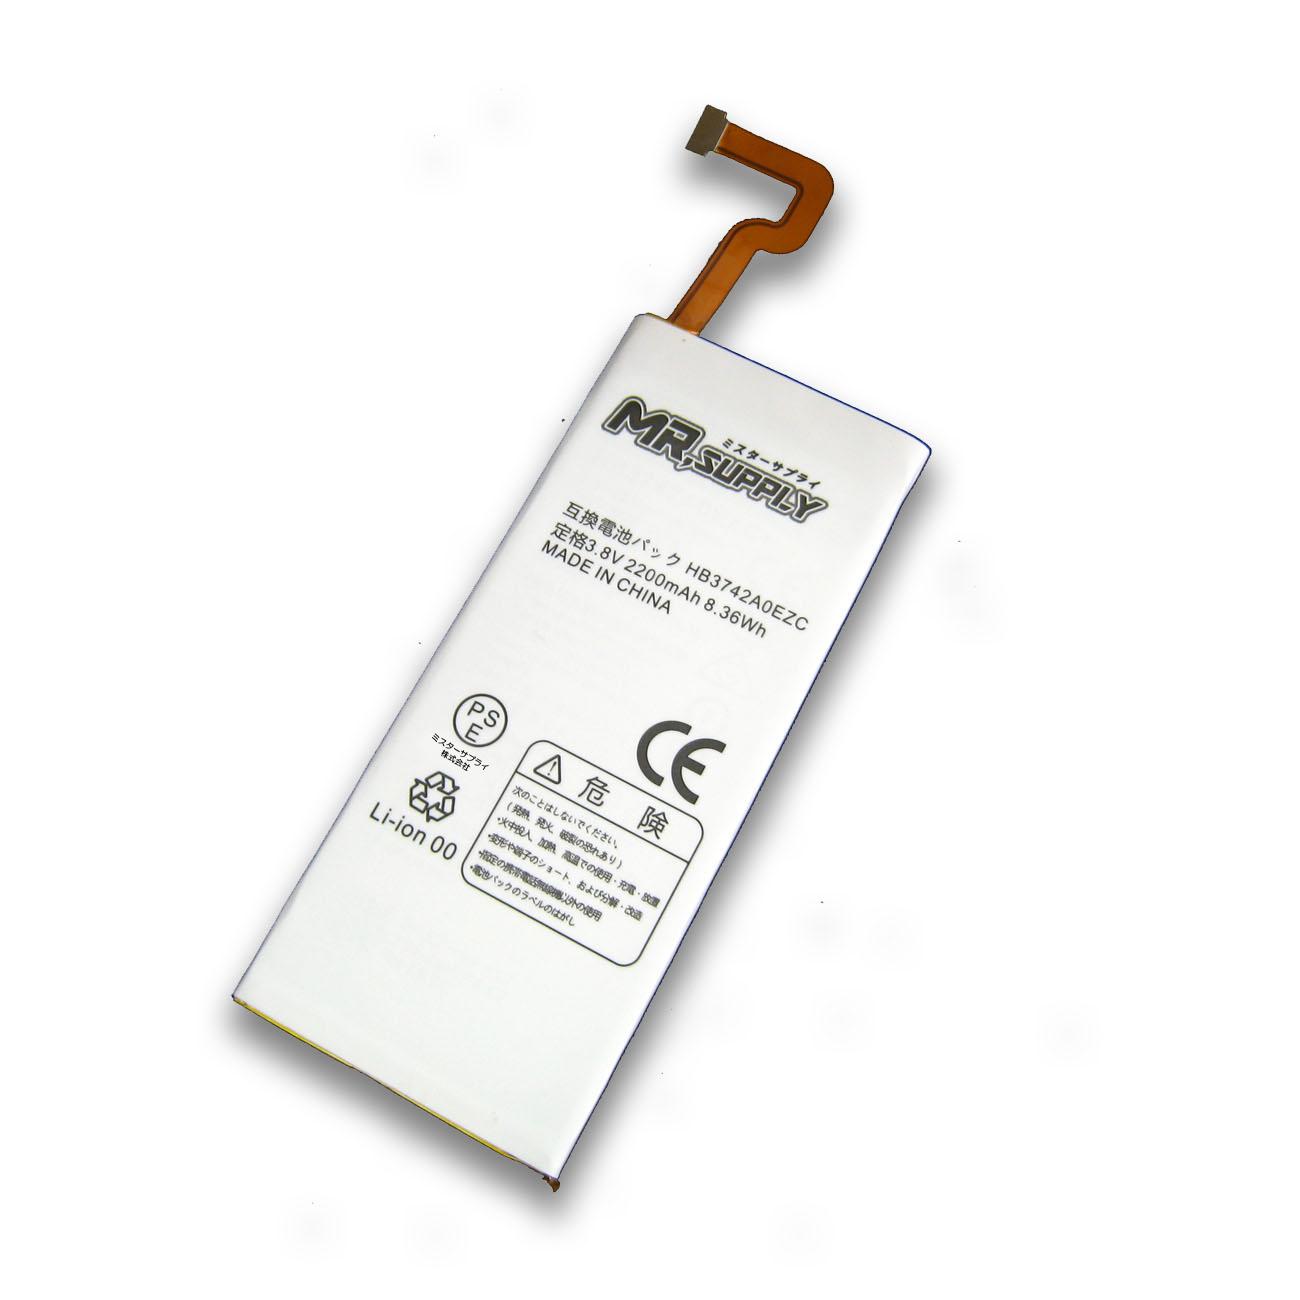 【全国送料無料】HUAWEI P8 lite スマートフォン交換用互換バッテリー HB3742A0EZC